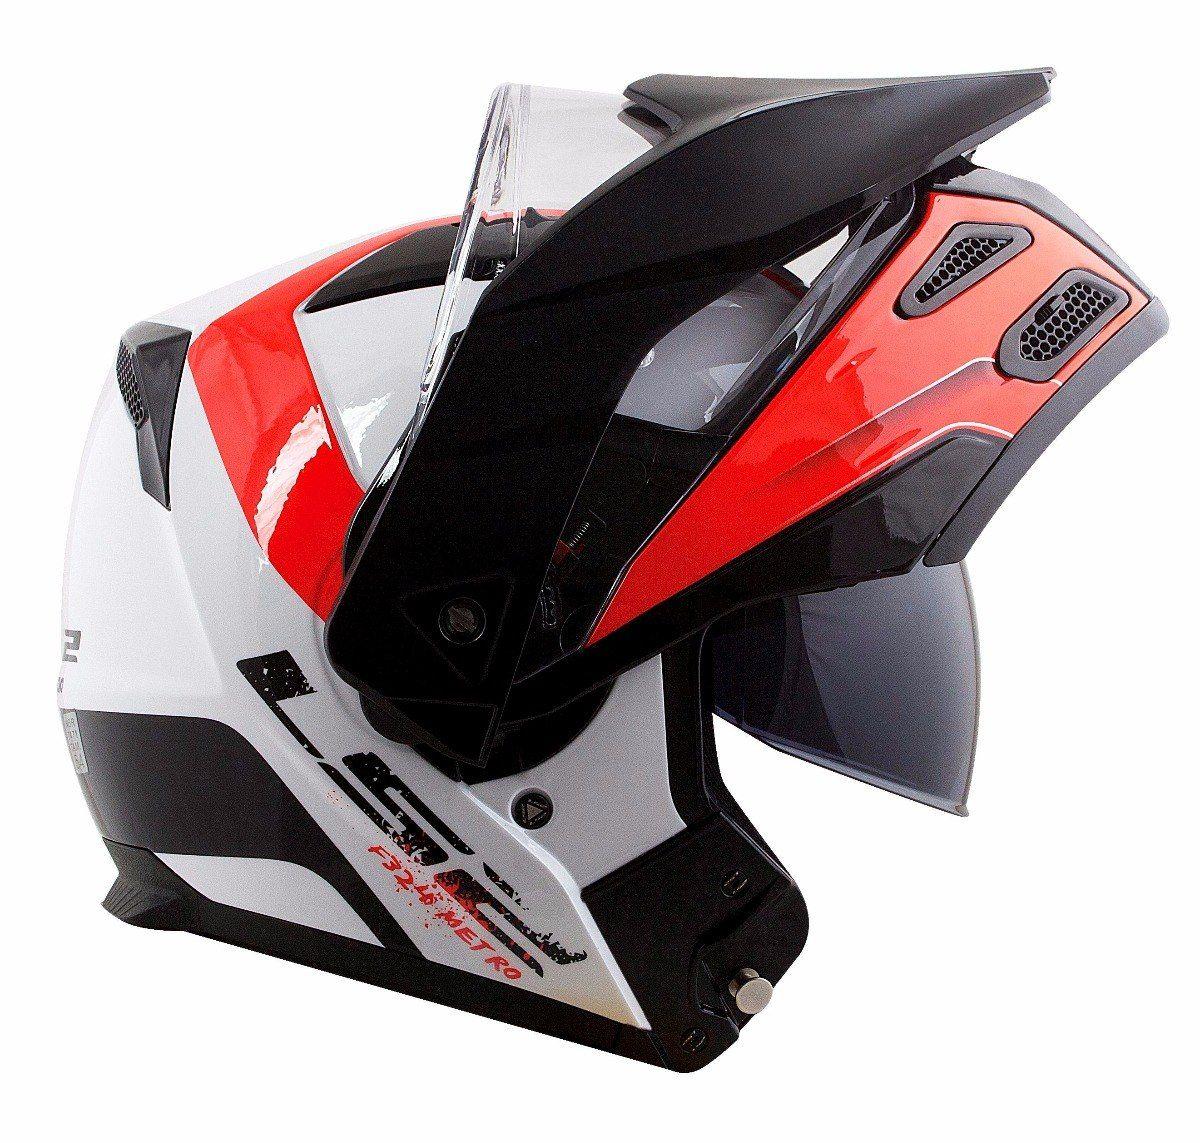 Capacete Ls2 FF324 Metro Evo Rapid White/Black/Red